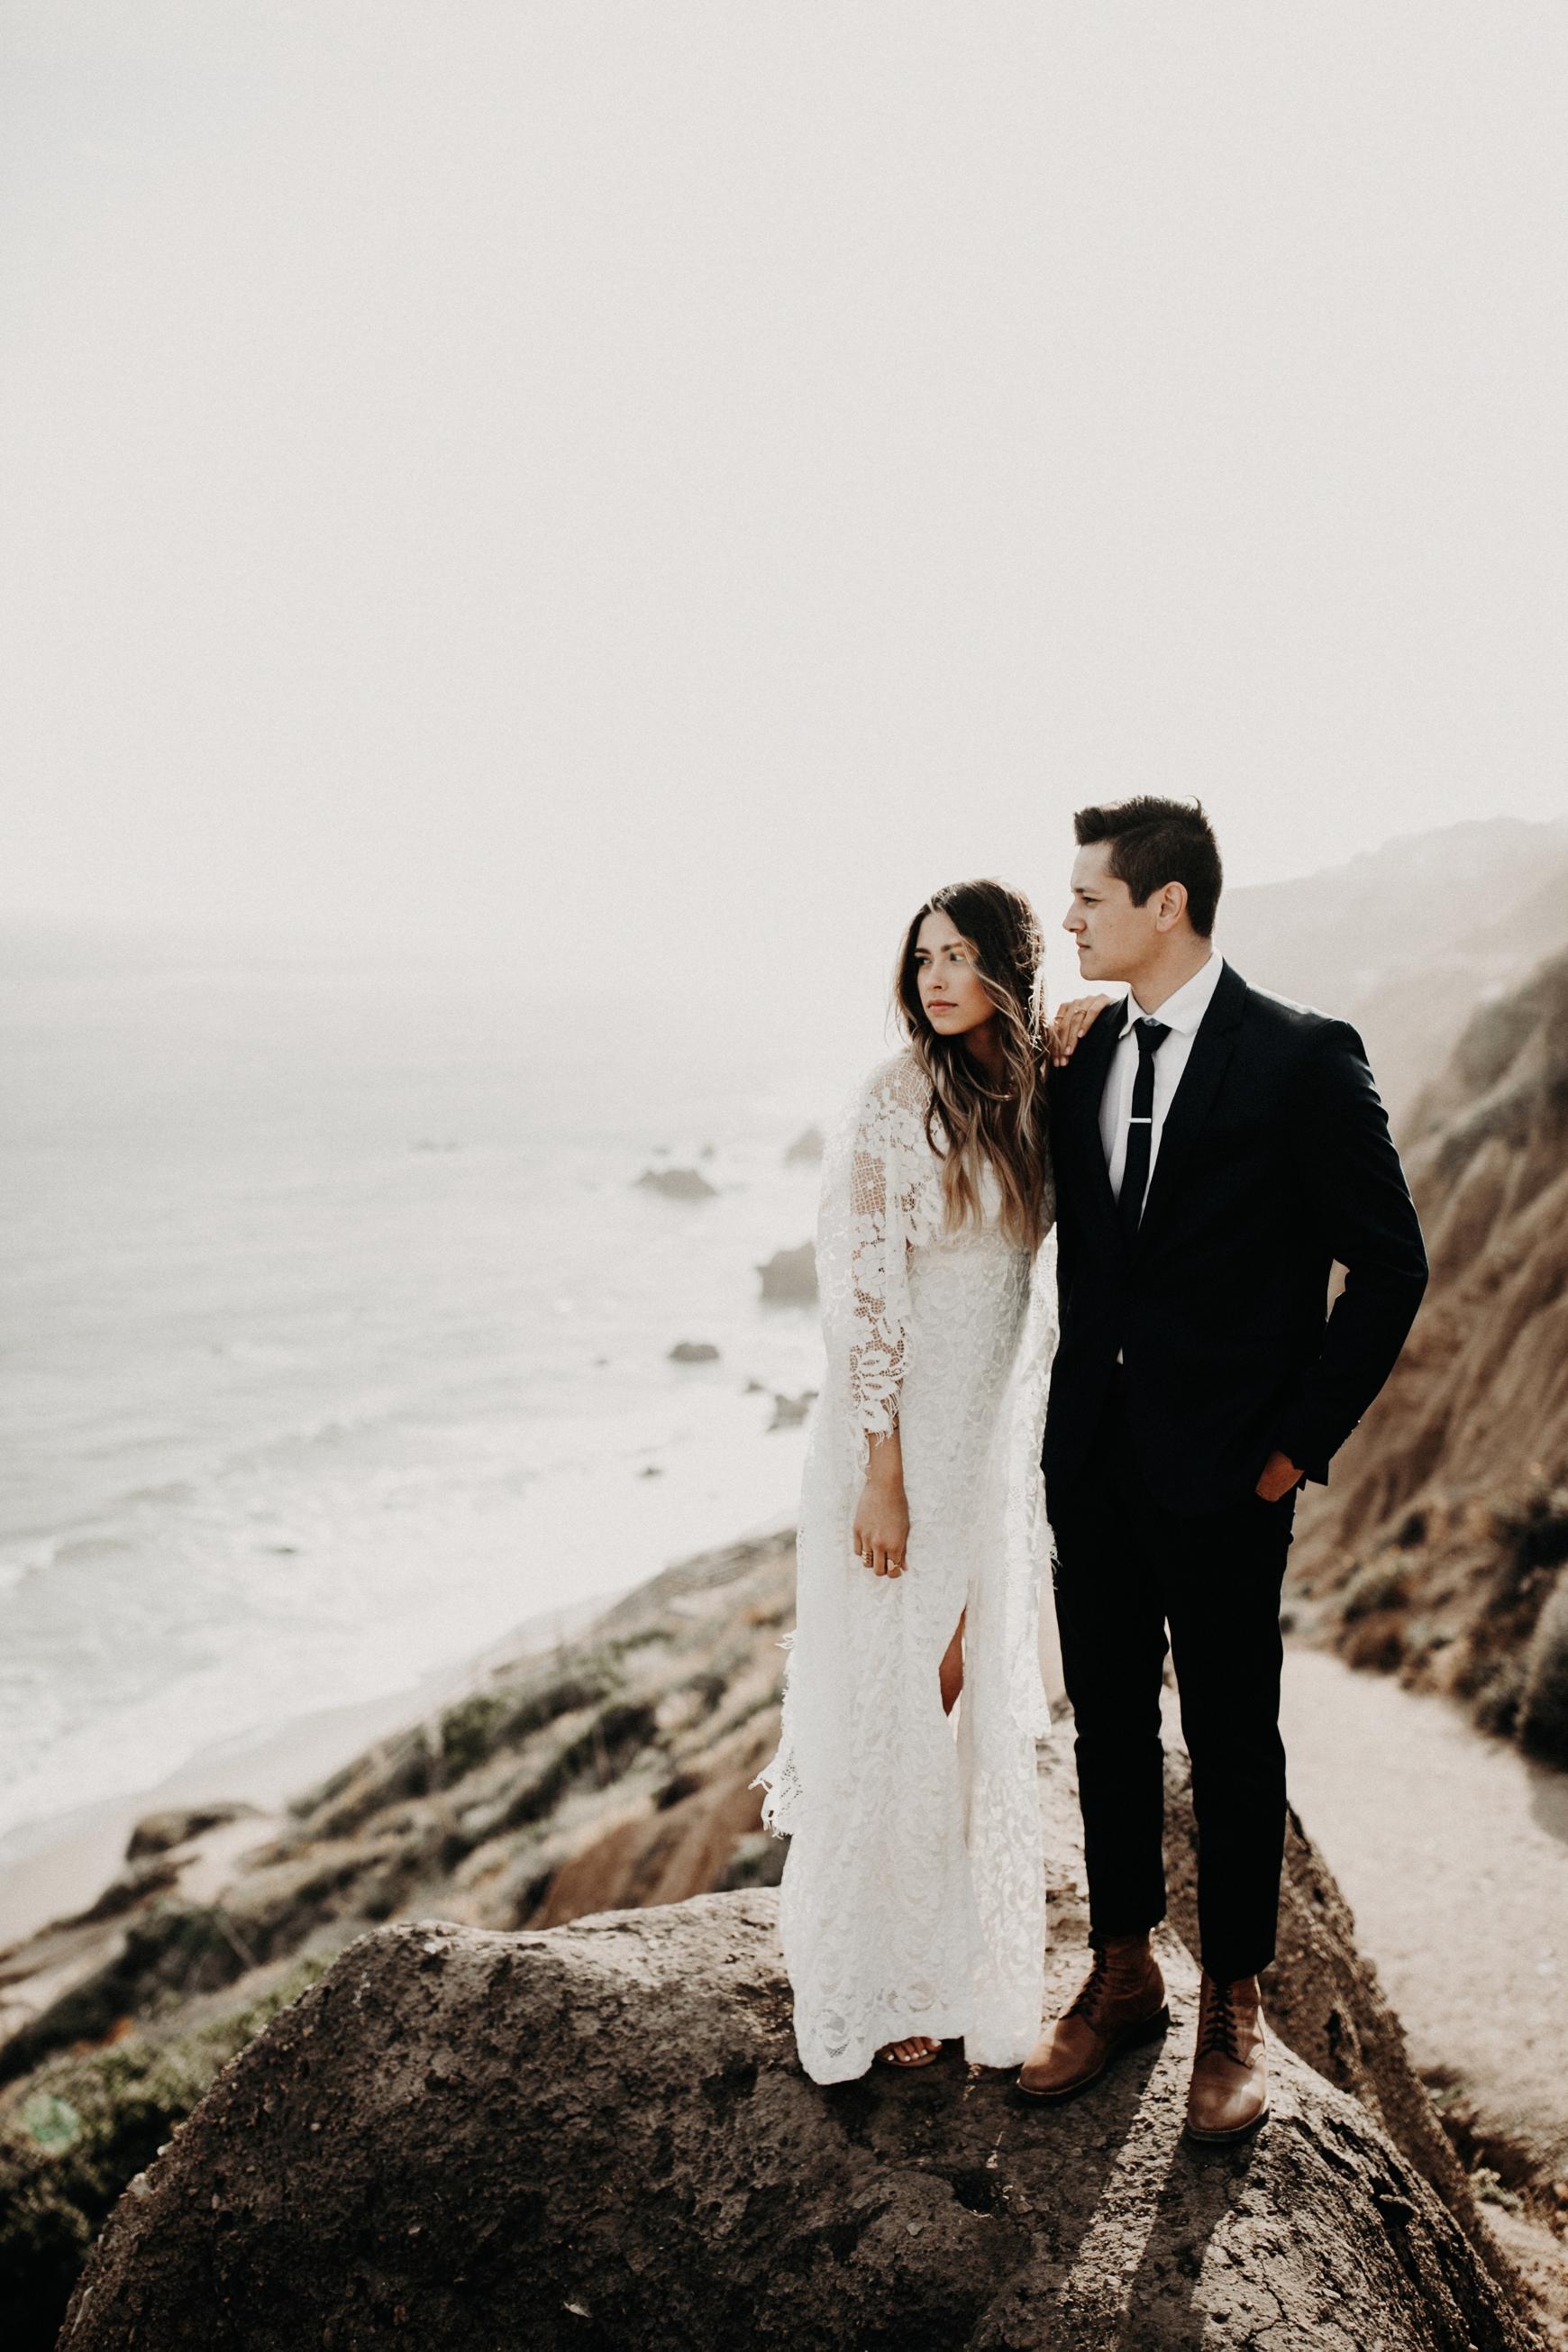 El Matador Beach Bridal Portraits Justellen & TJ Emily Magers Photography-61Emily Magers Photography.jpg